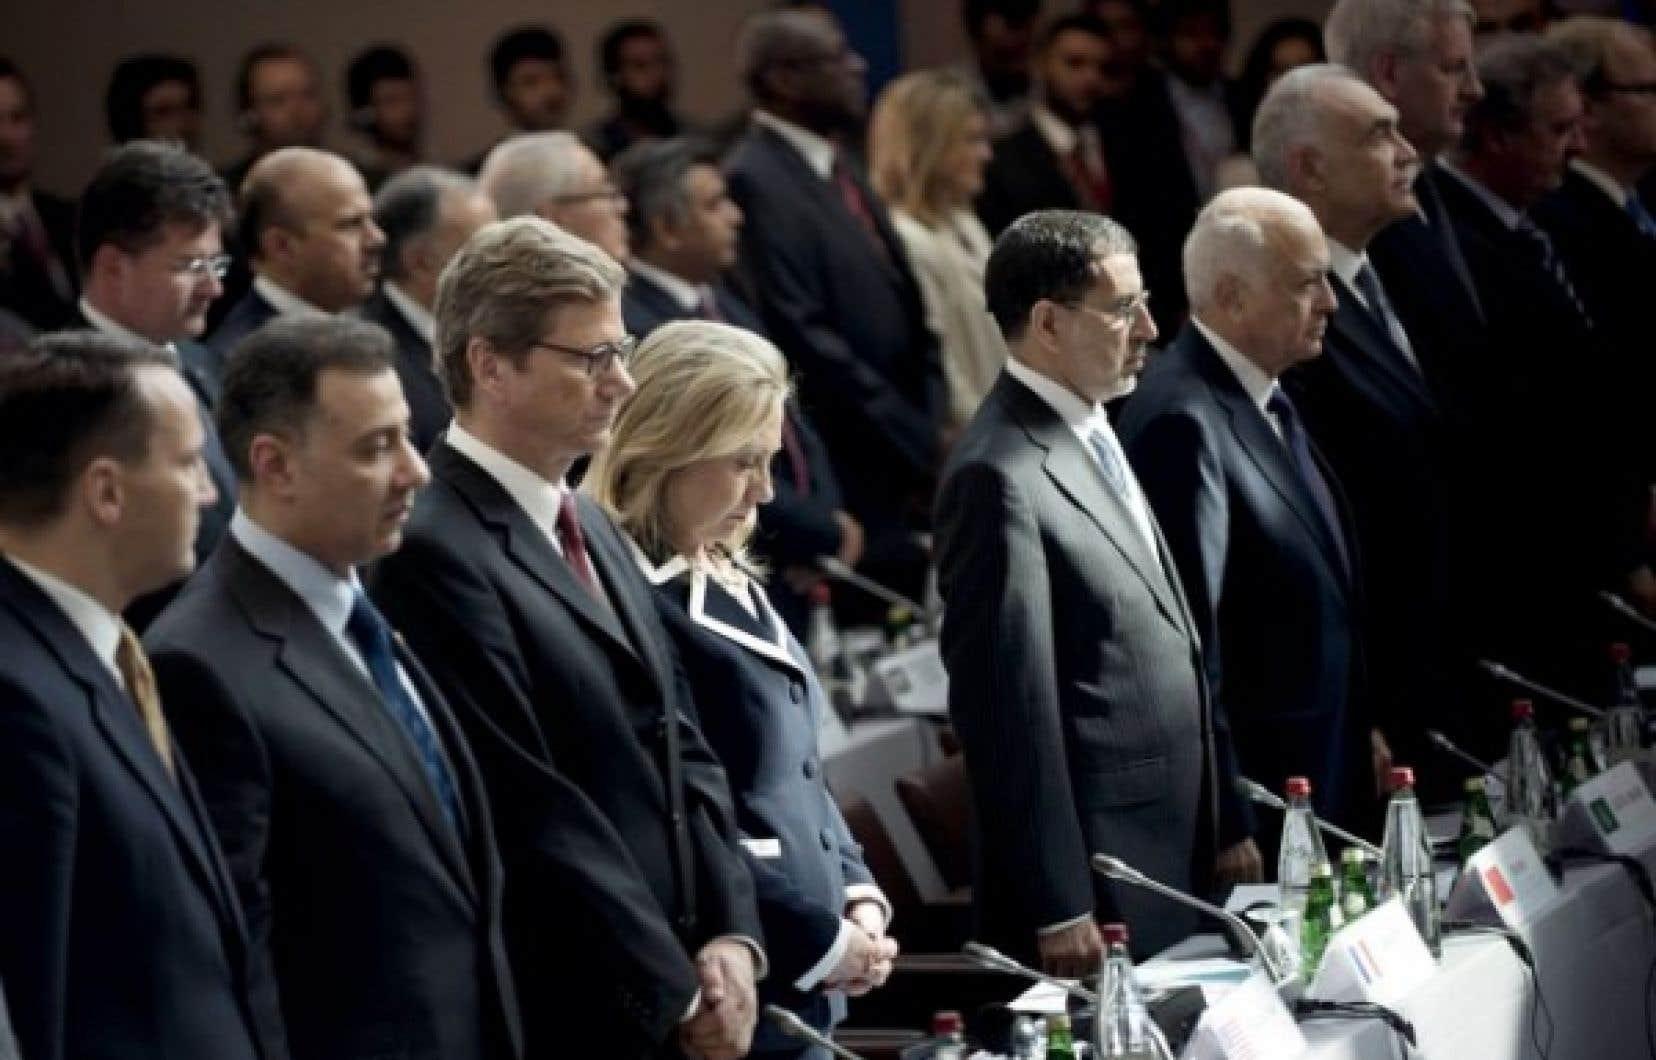 La secrétaire d'État américaine Hillary Clinton, ainsi que d'autres hauts représentants d'une centaine de pays, étaient réunis à Paris aujourd'hui, en soutien au plan de transition du pouvoir en Syrie.